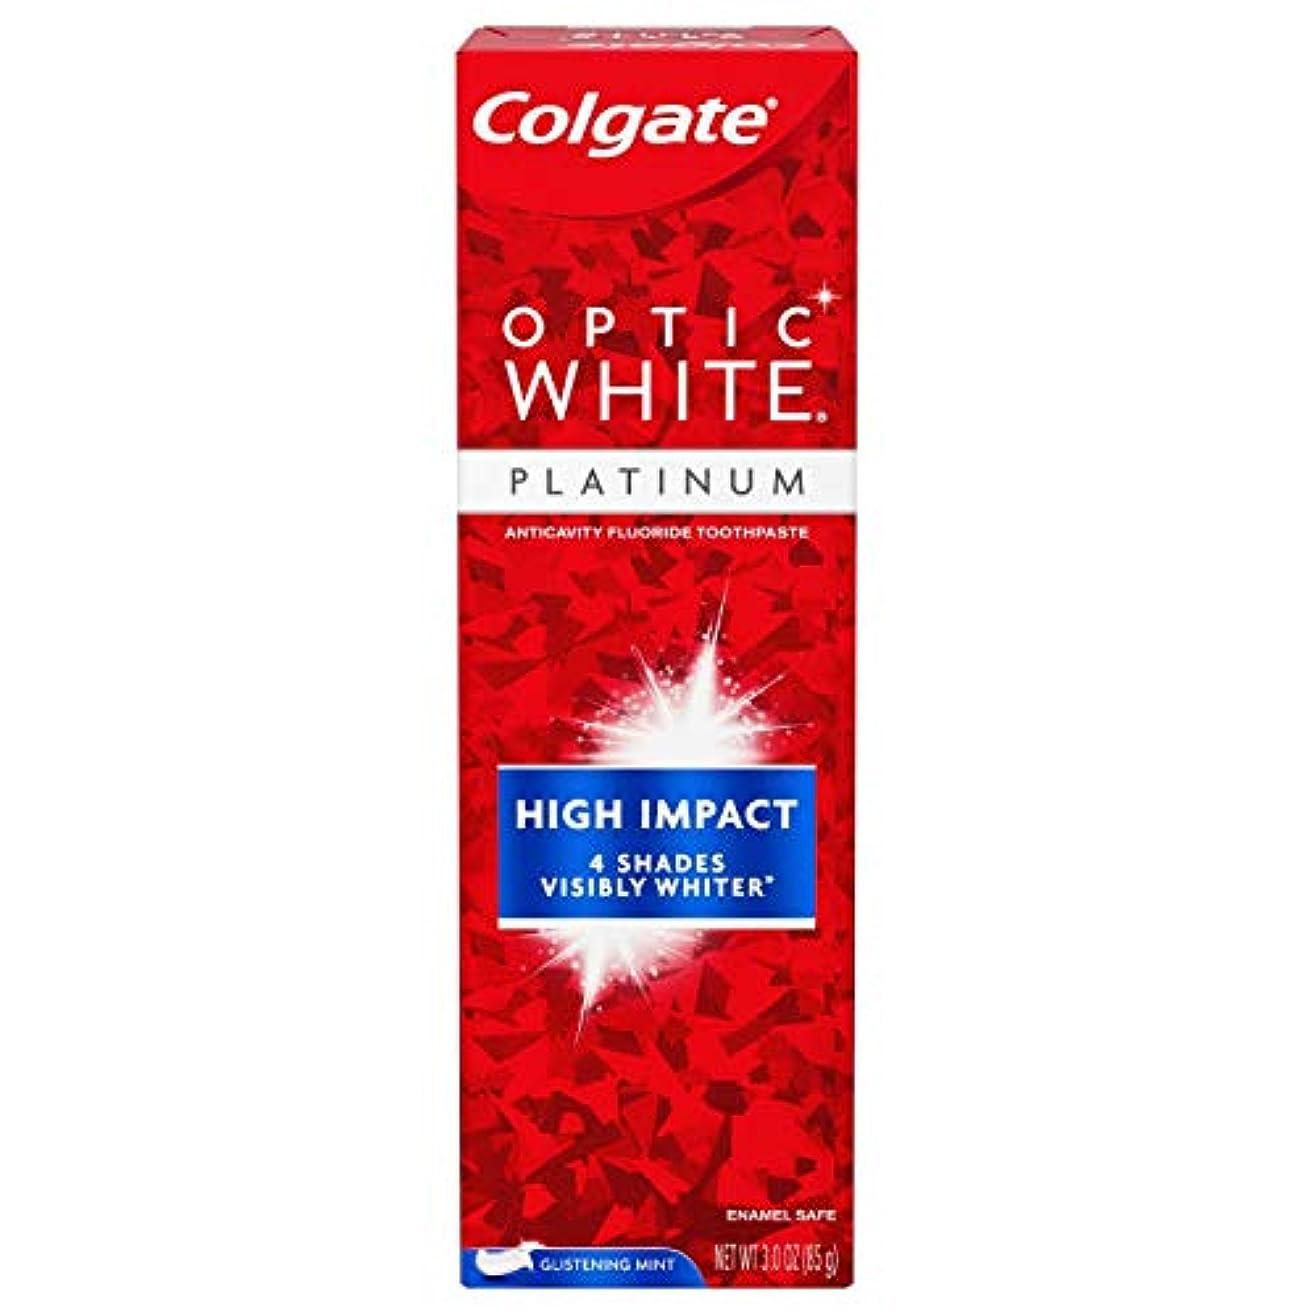 タオル縁シャッターColgate Optic White High Impact White 練り歯磨き [並行輸入品]